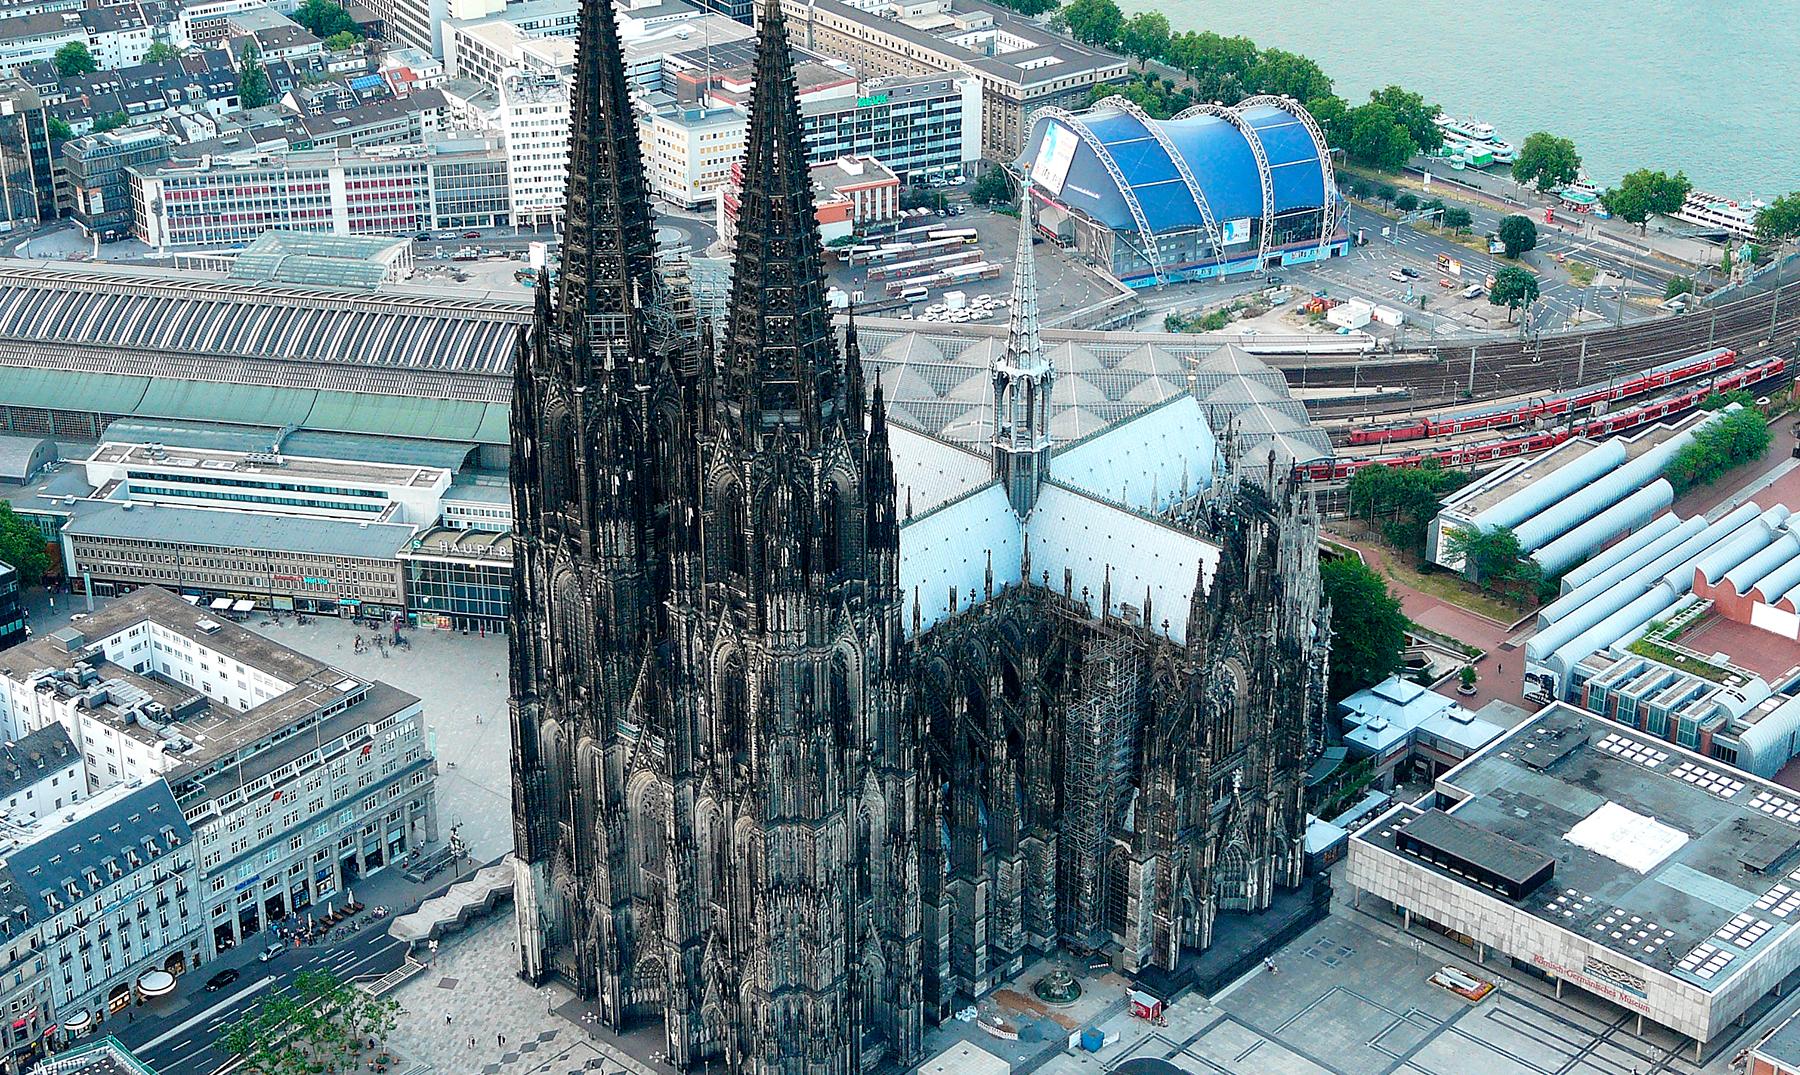 La espectacular catedral de colonia una joya g tica el - Gothic adventskalender ...